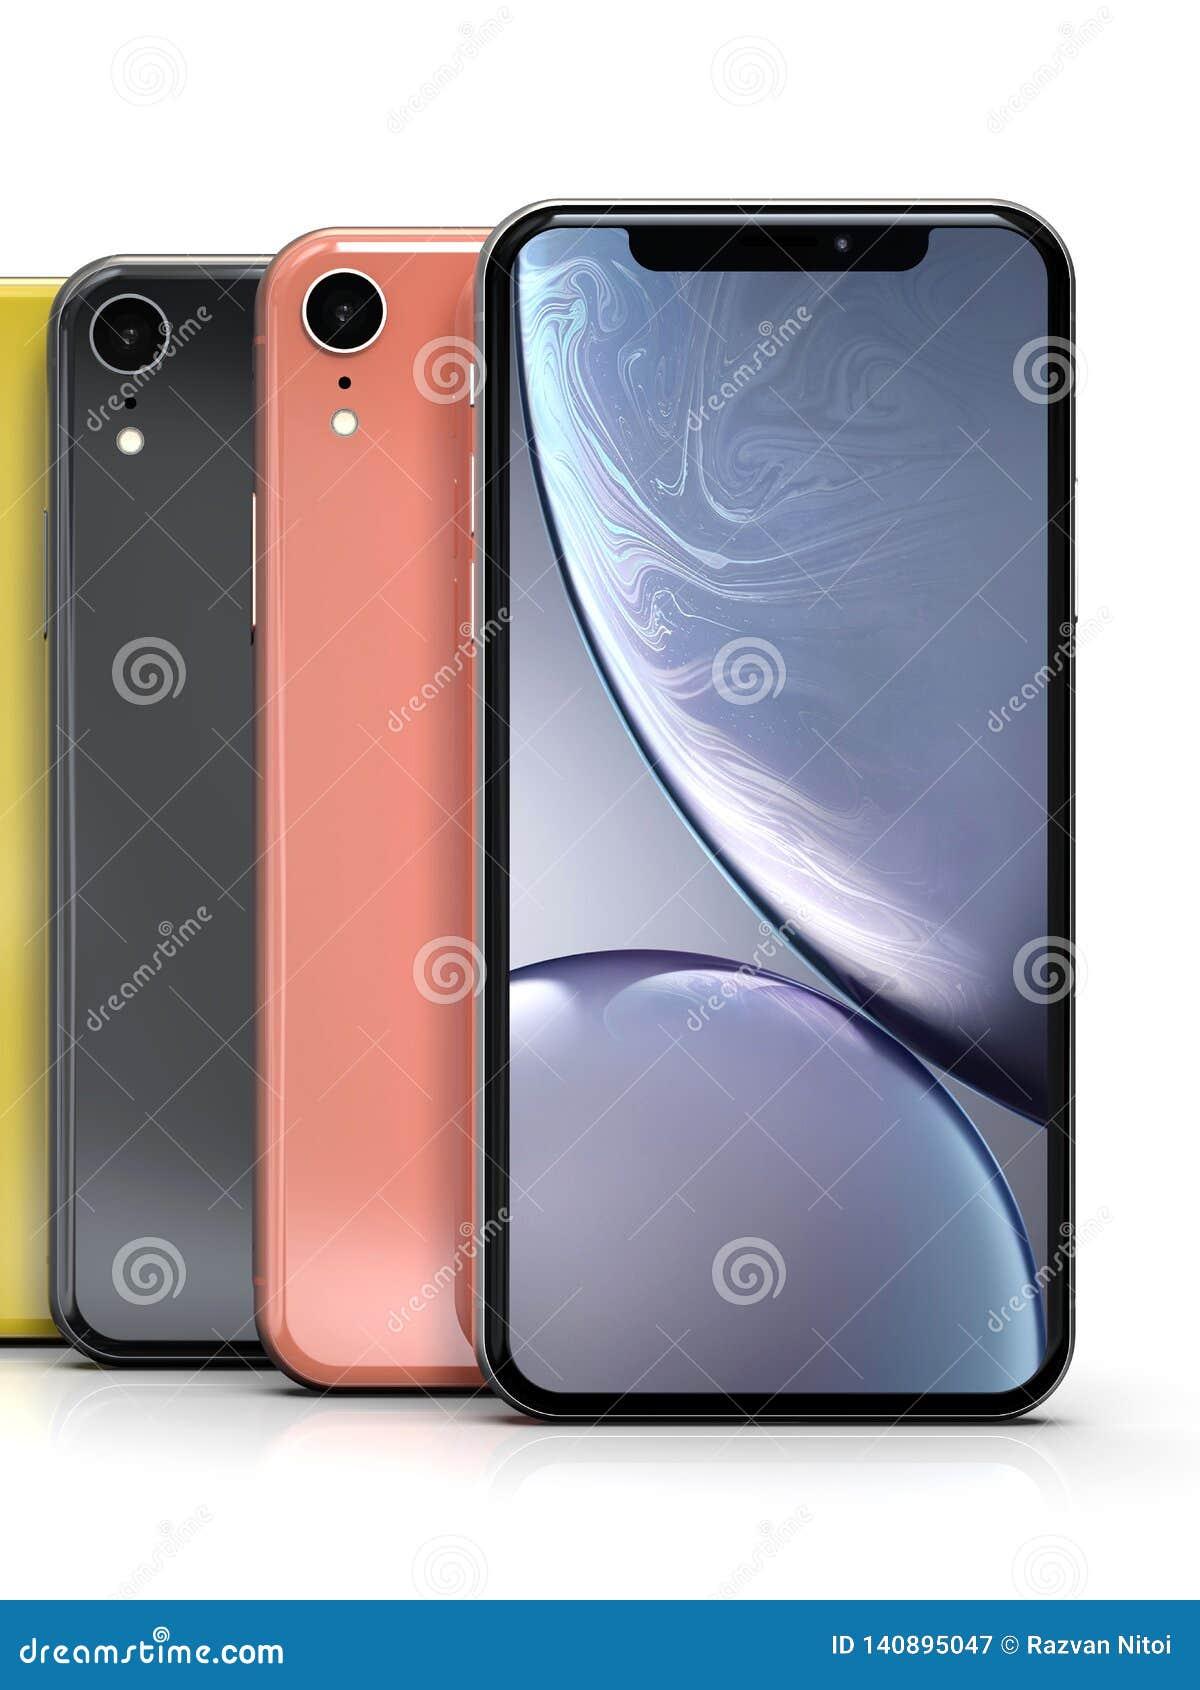 Colores del iPhone XR de Apple, posición vertical, alineada